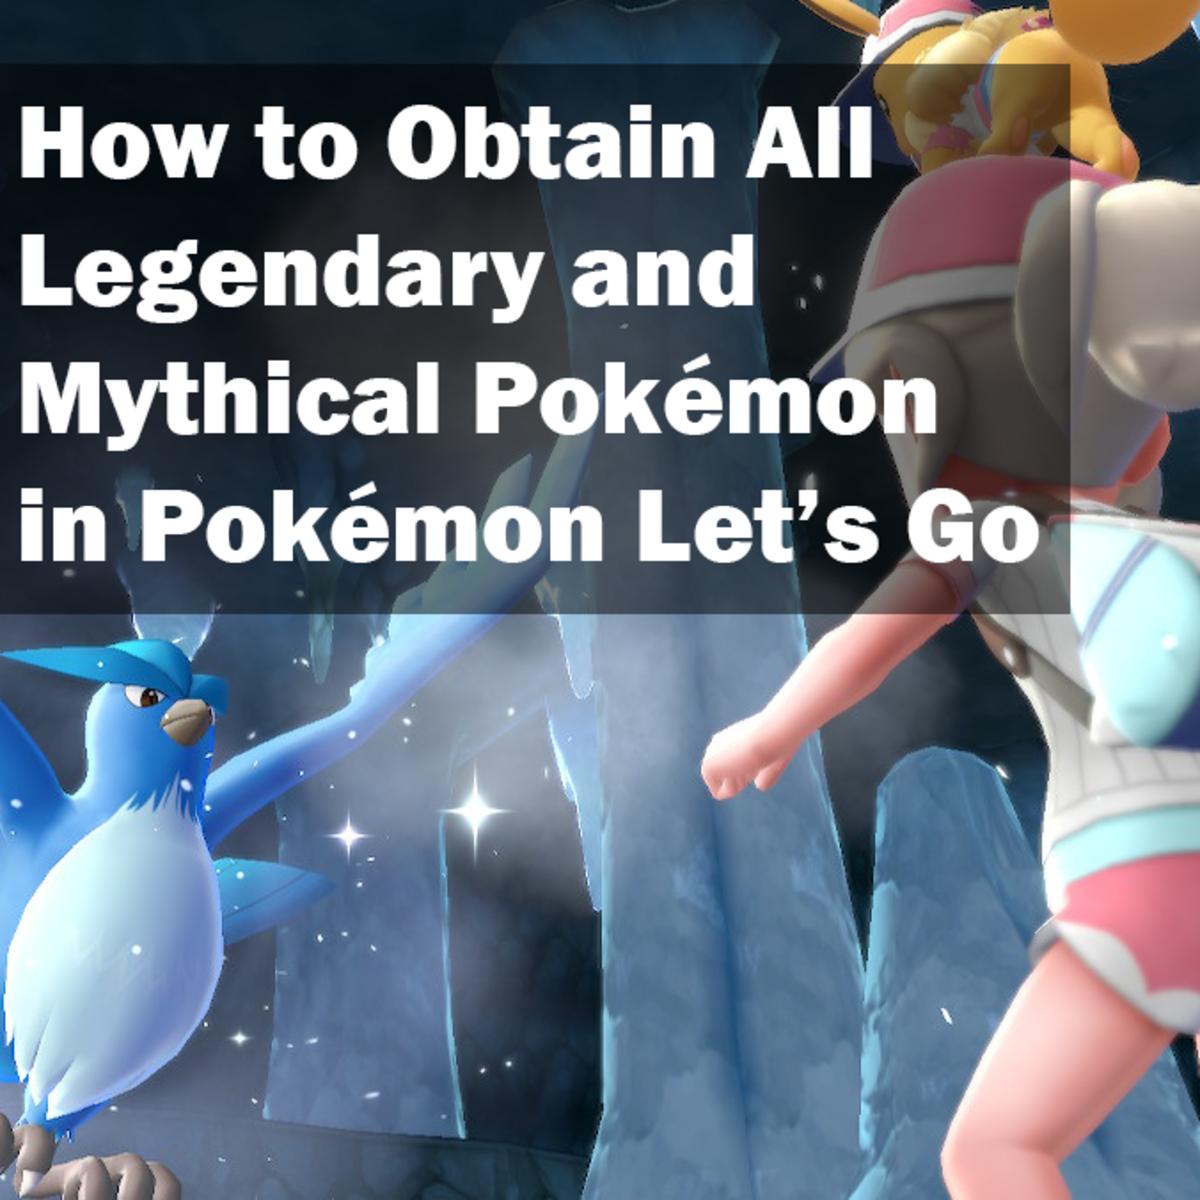 """How to Obtain All Legendary and Mythical Pokémon in """"Pokémon Let's Go"""""""